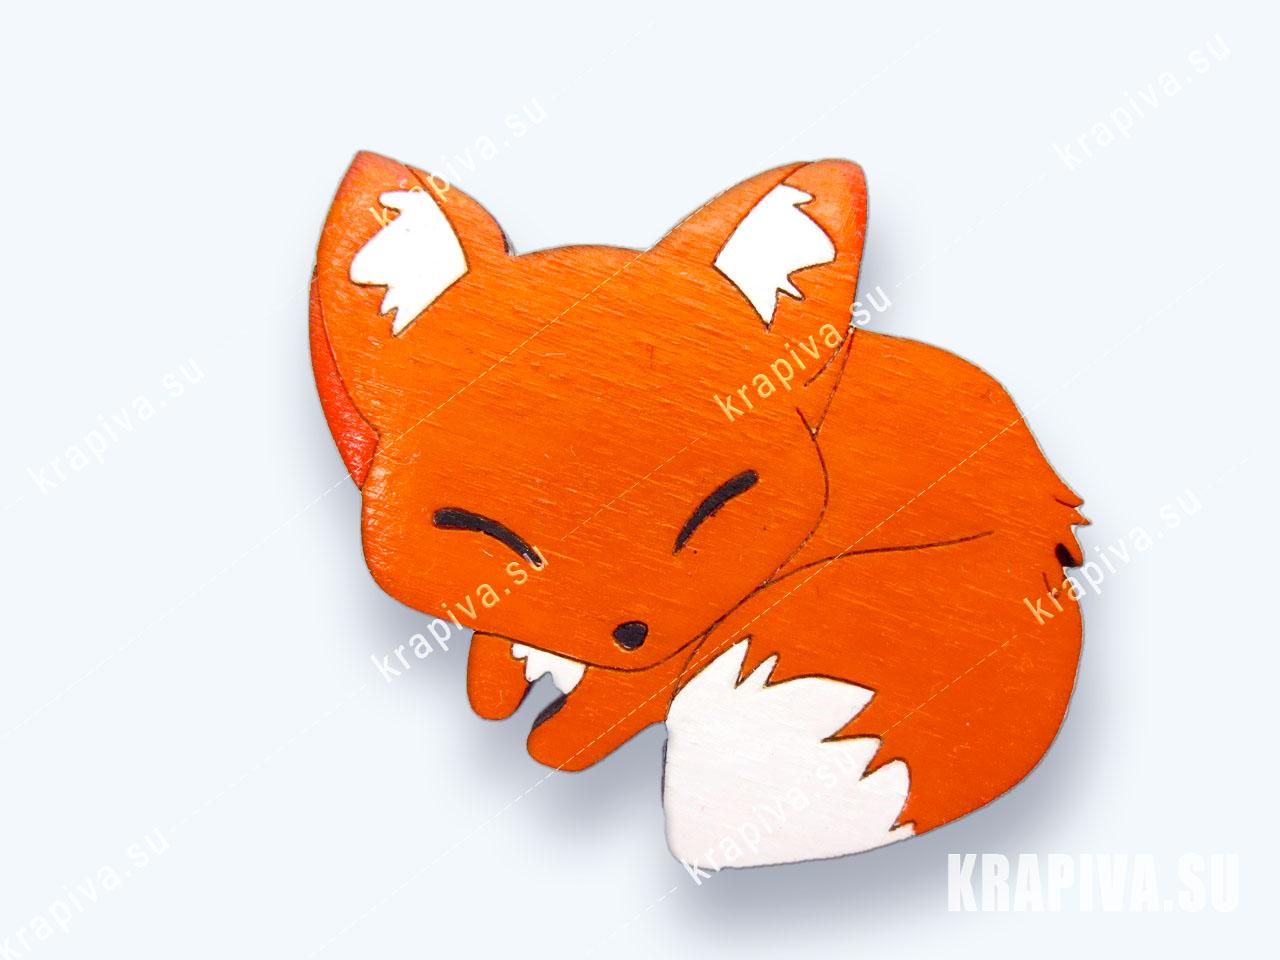 Лисичка Картинки Брошь «Лисичка №4» z-fox4 купить в интернет-магазине krapiva.su